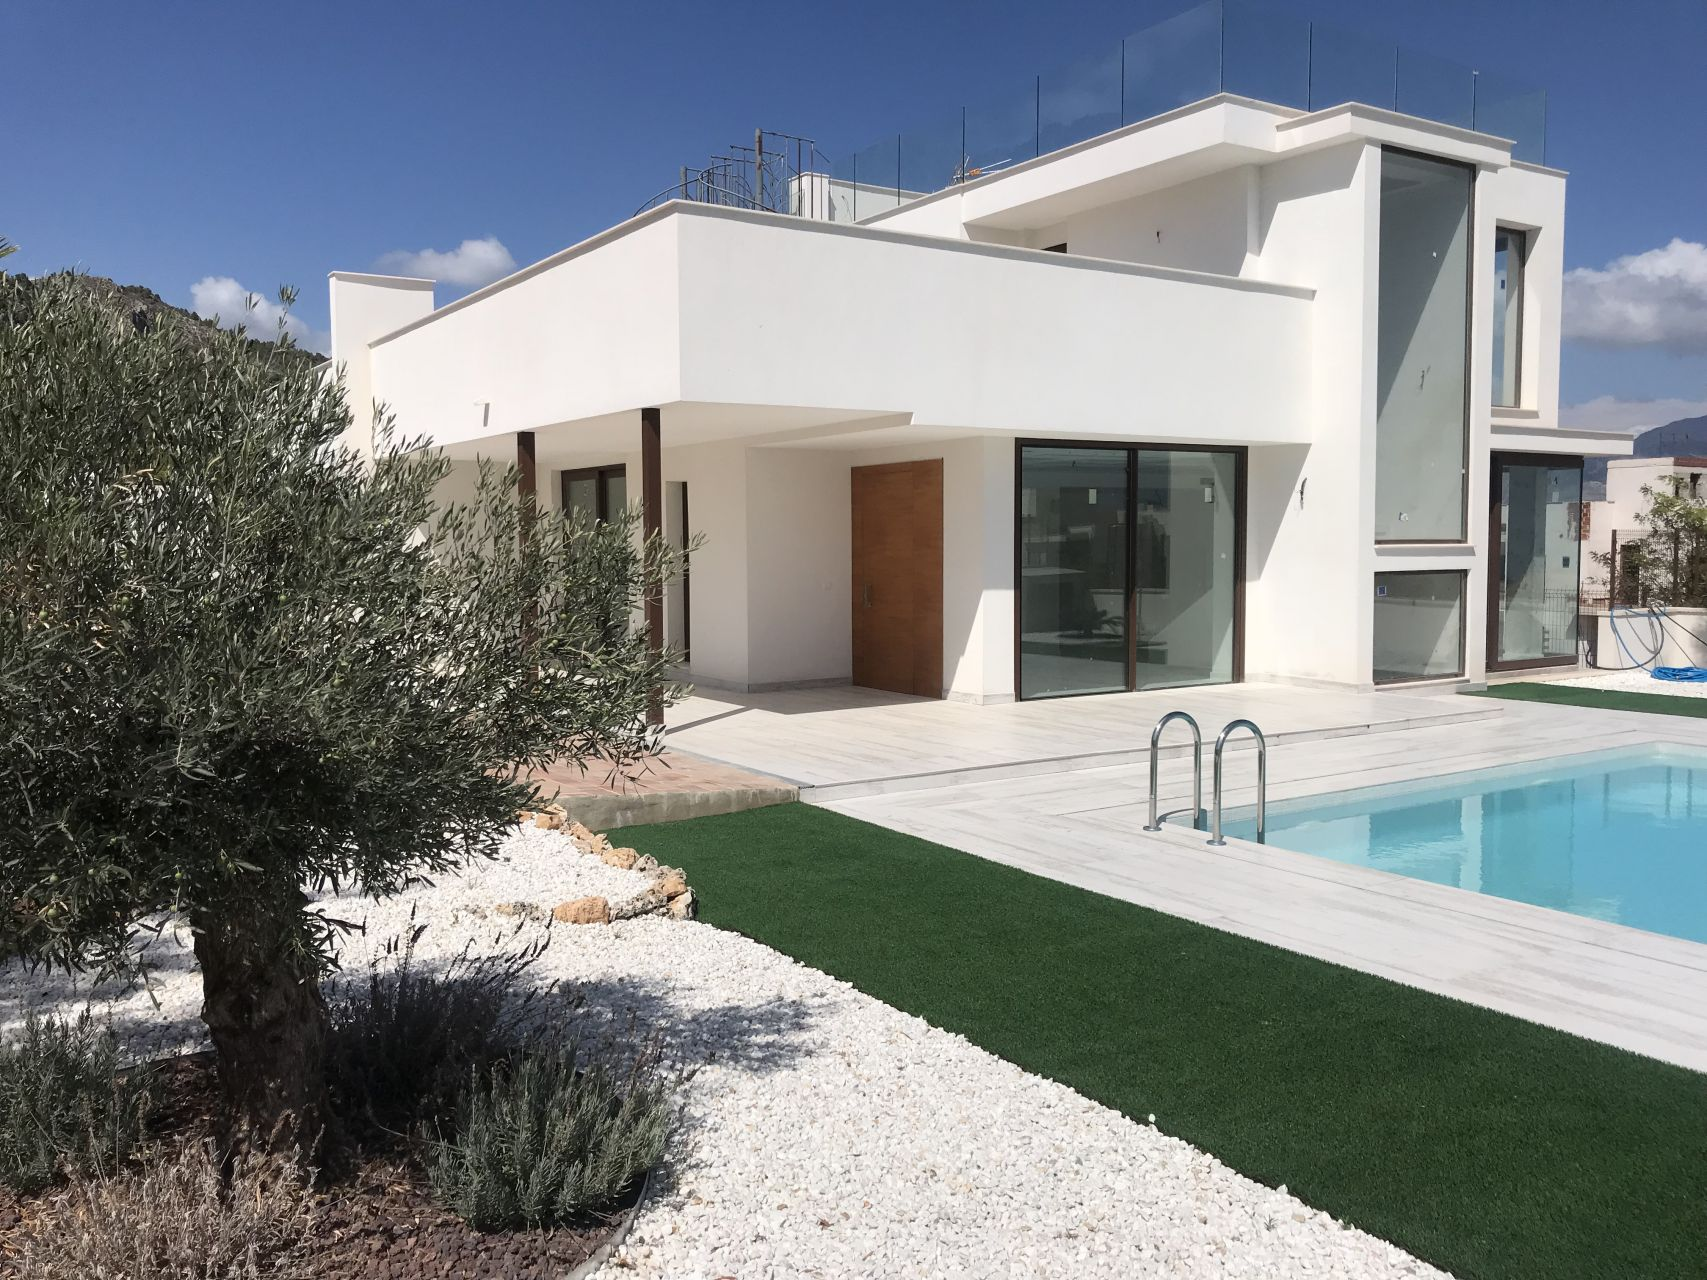 Villas in Polop 10